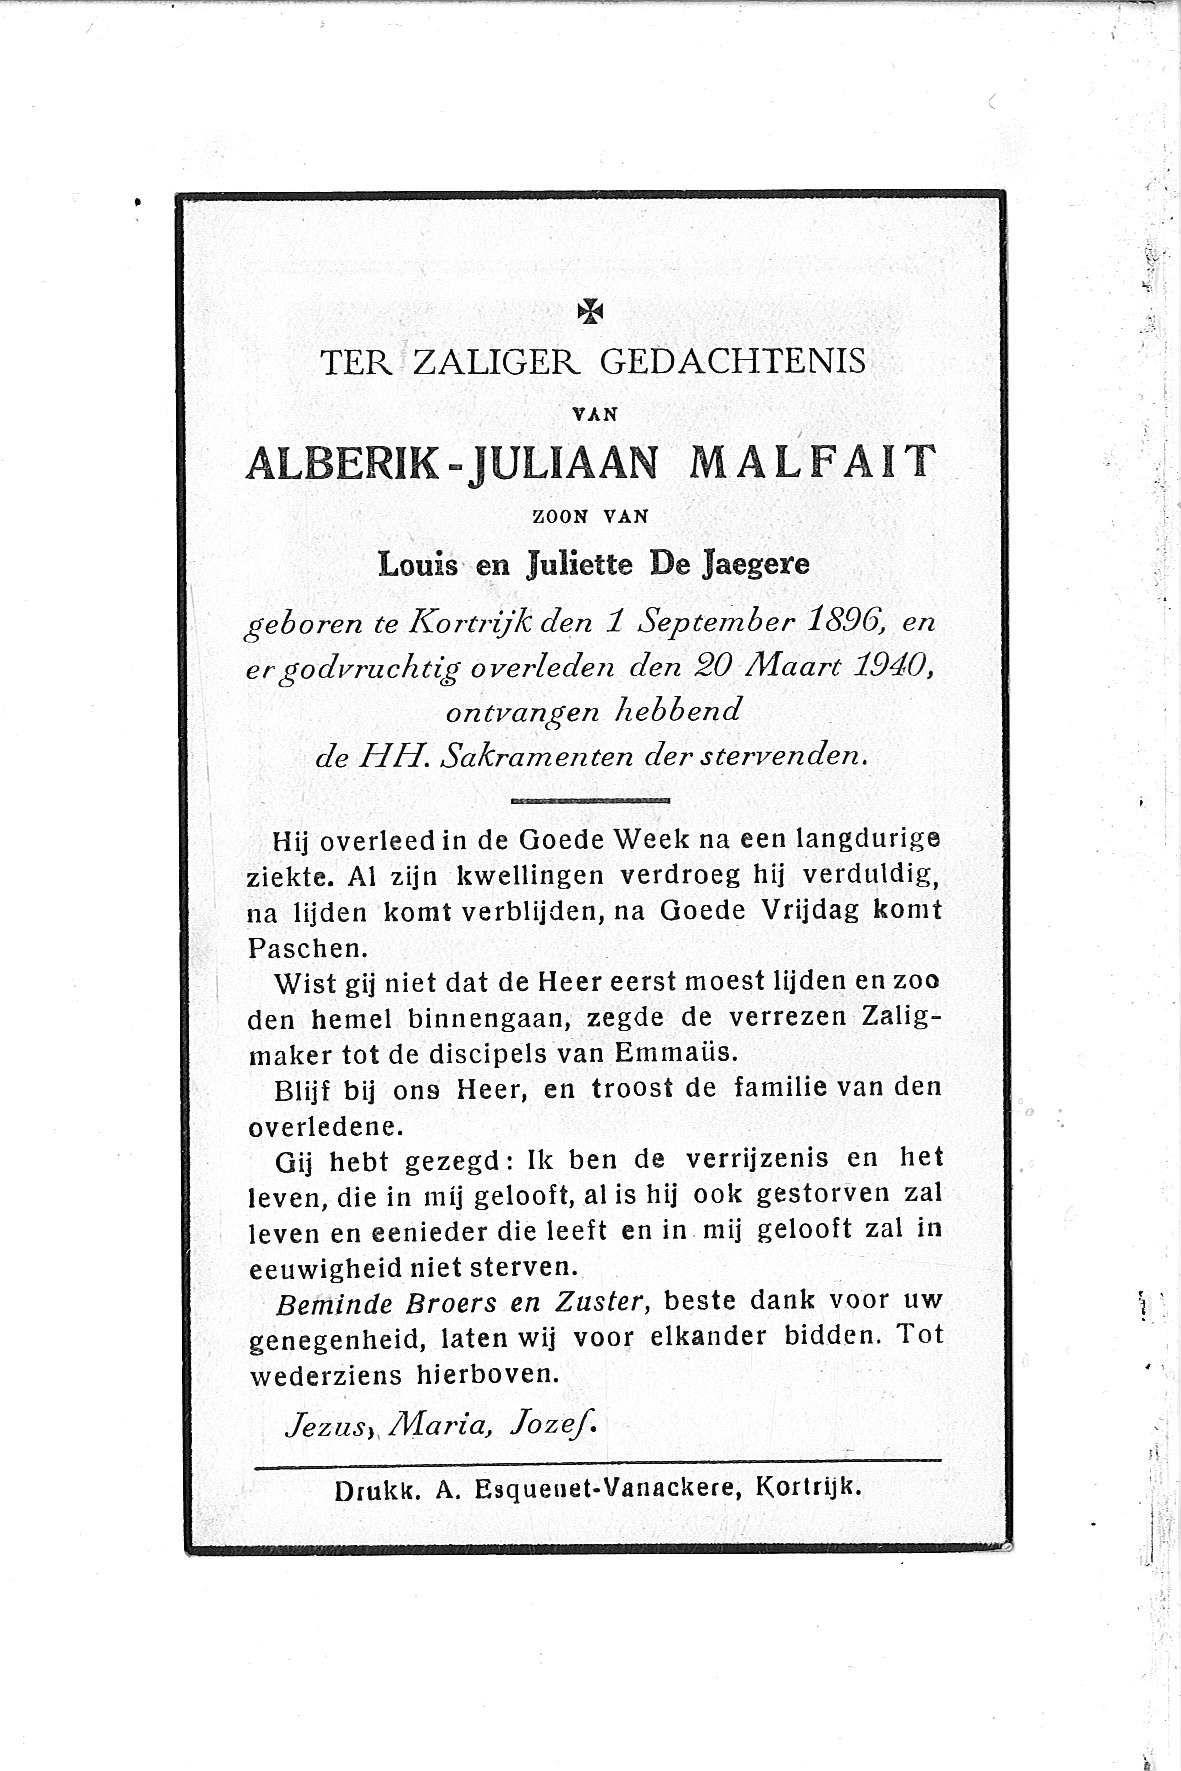 Alberik-Juliaan(1940)20111121154356_00008.jpg